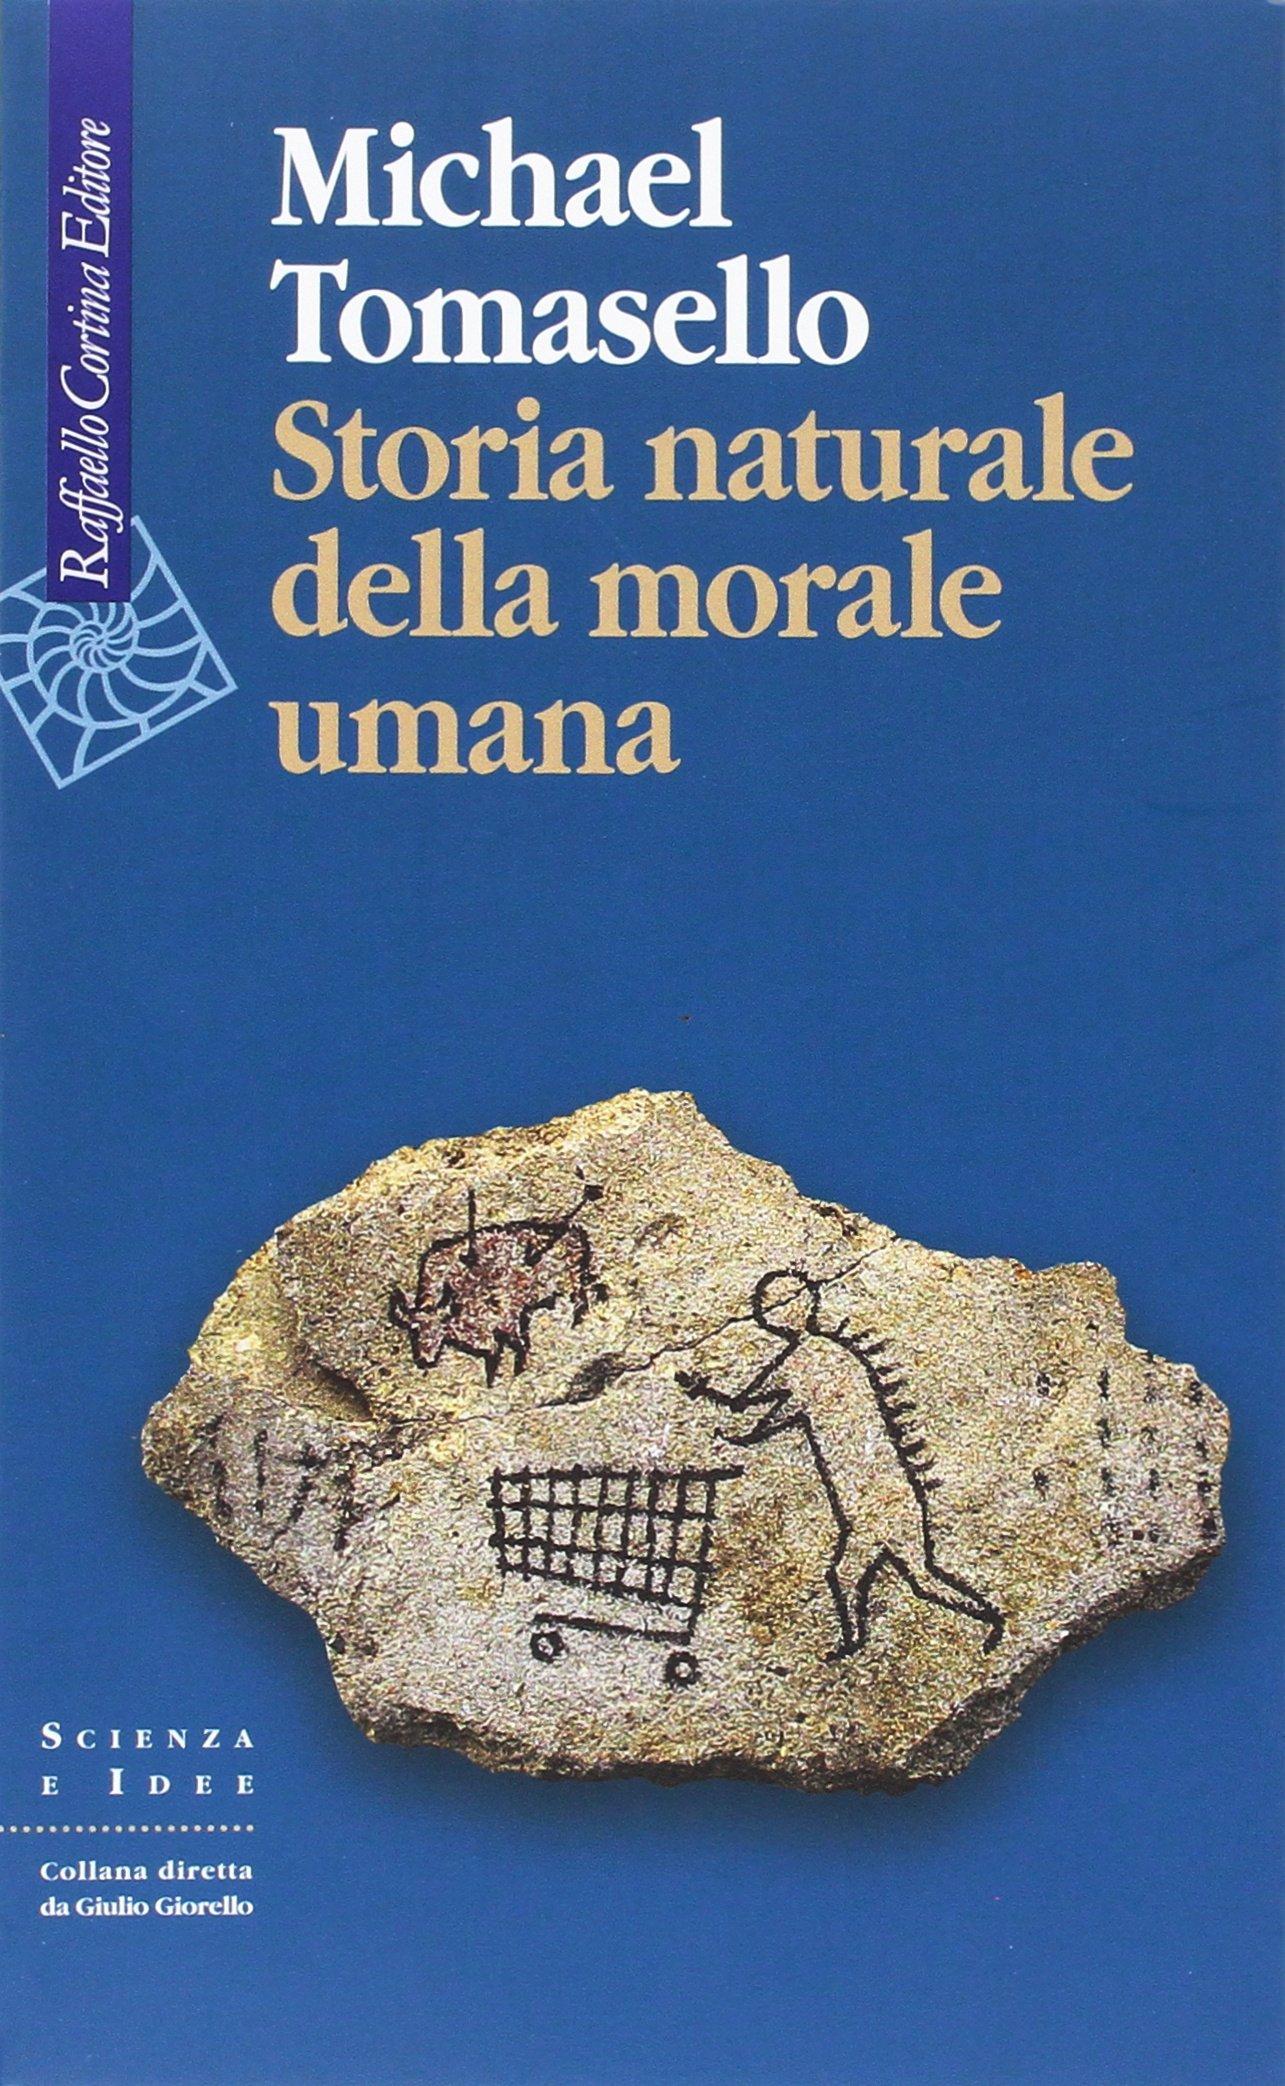 Storia naturale della morale umana: 1 Copertina flessibile – 17 nov 2016 Michael Tomasello S. Parmigiani Cortina Raffaello 8860308658